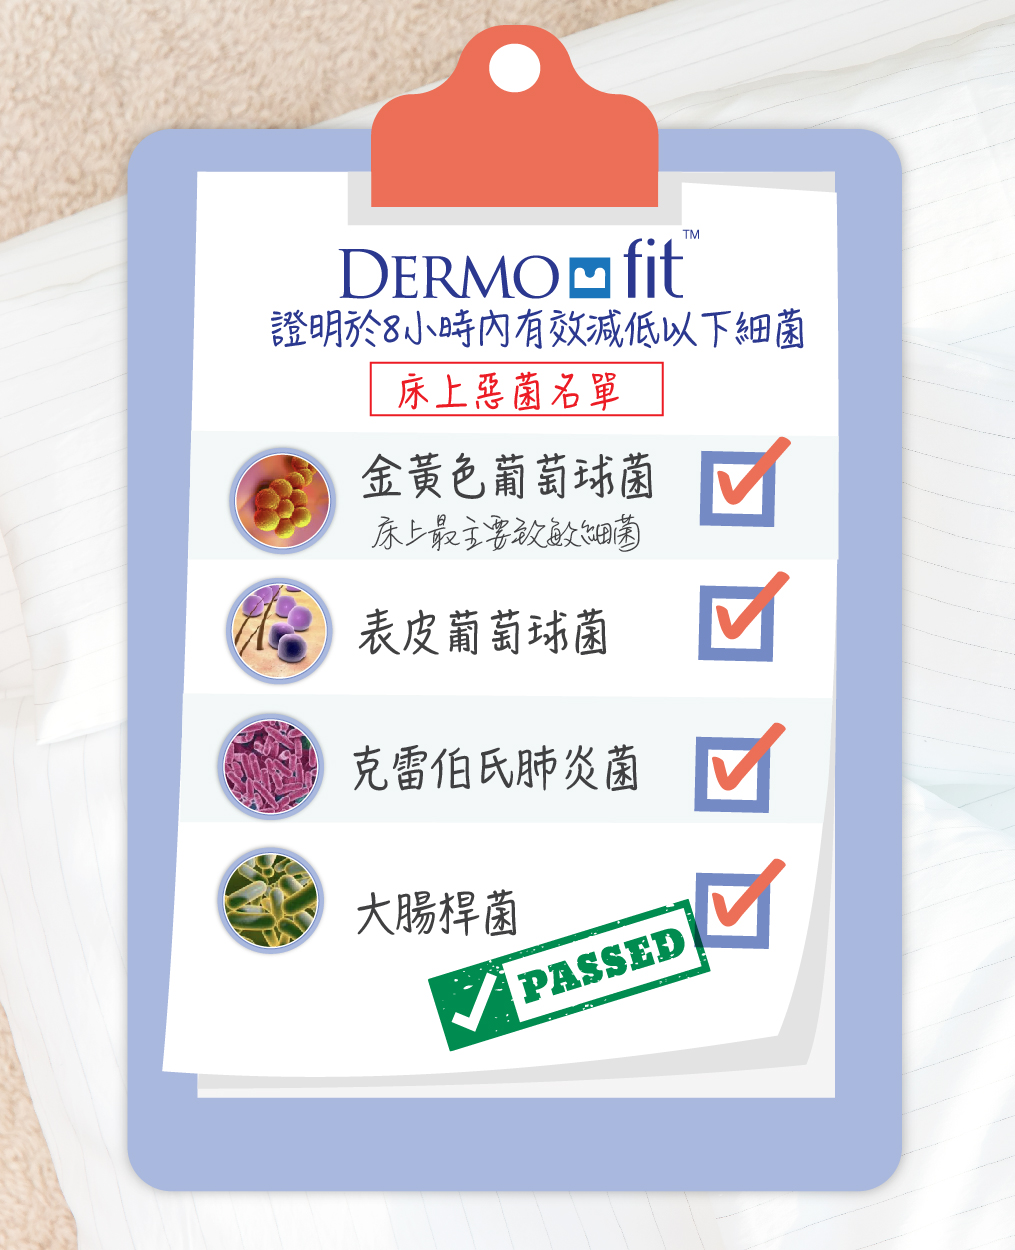 抗菌床品有效減低細菌,例如大腸桿菌、金黃葡萄球菌